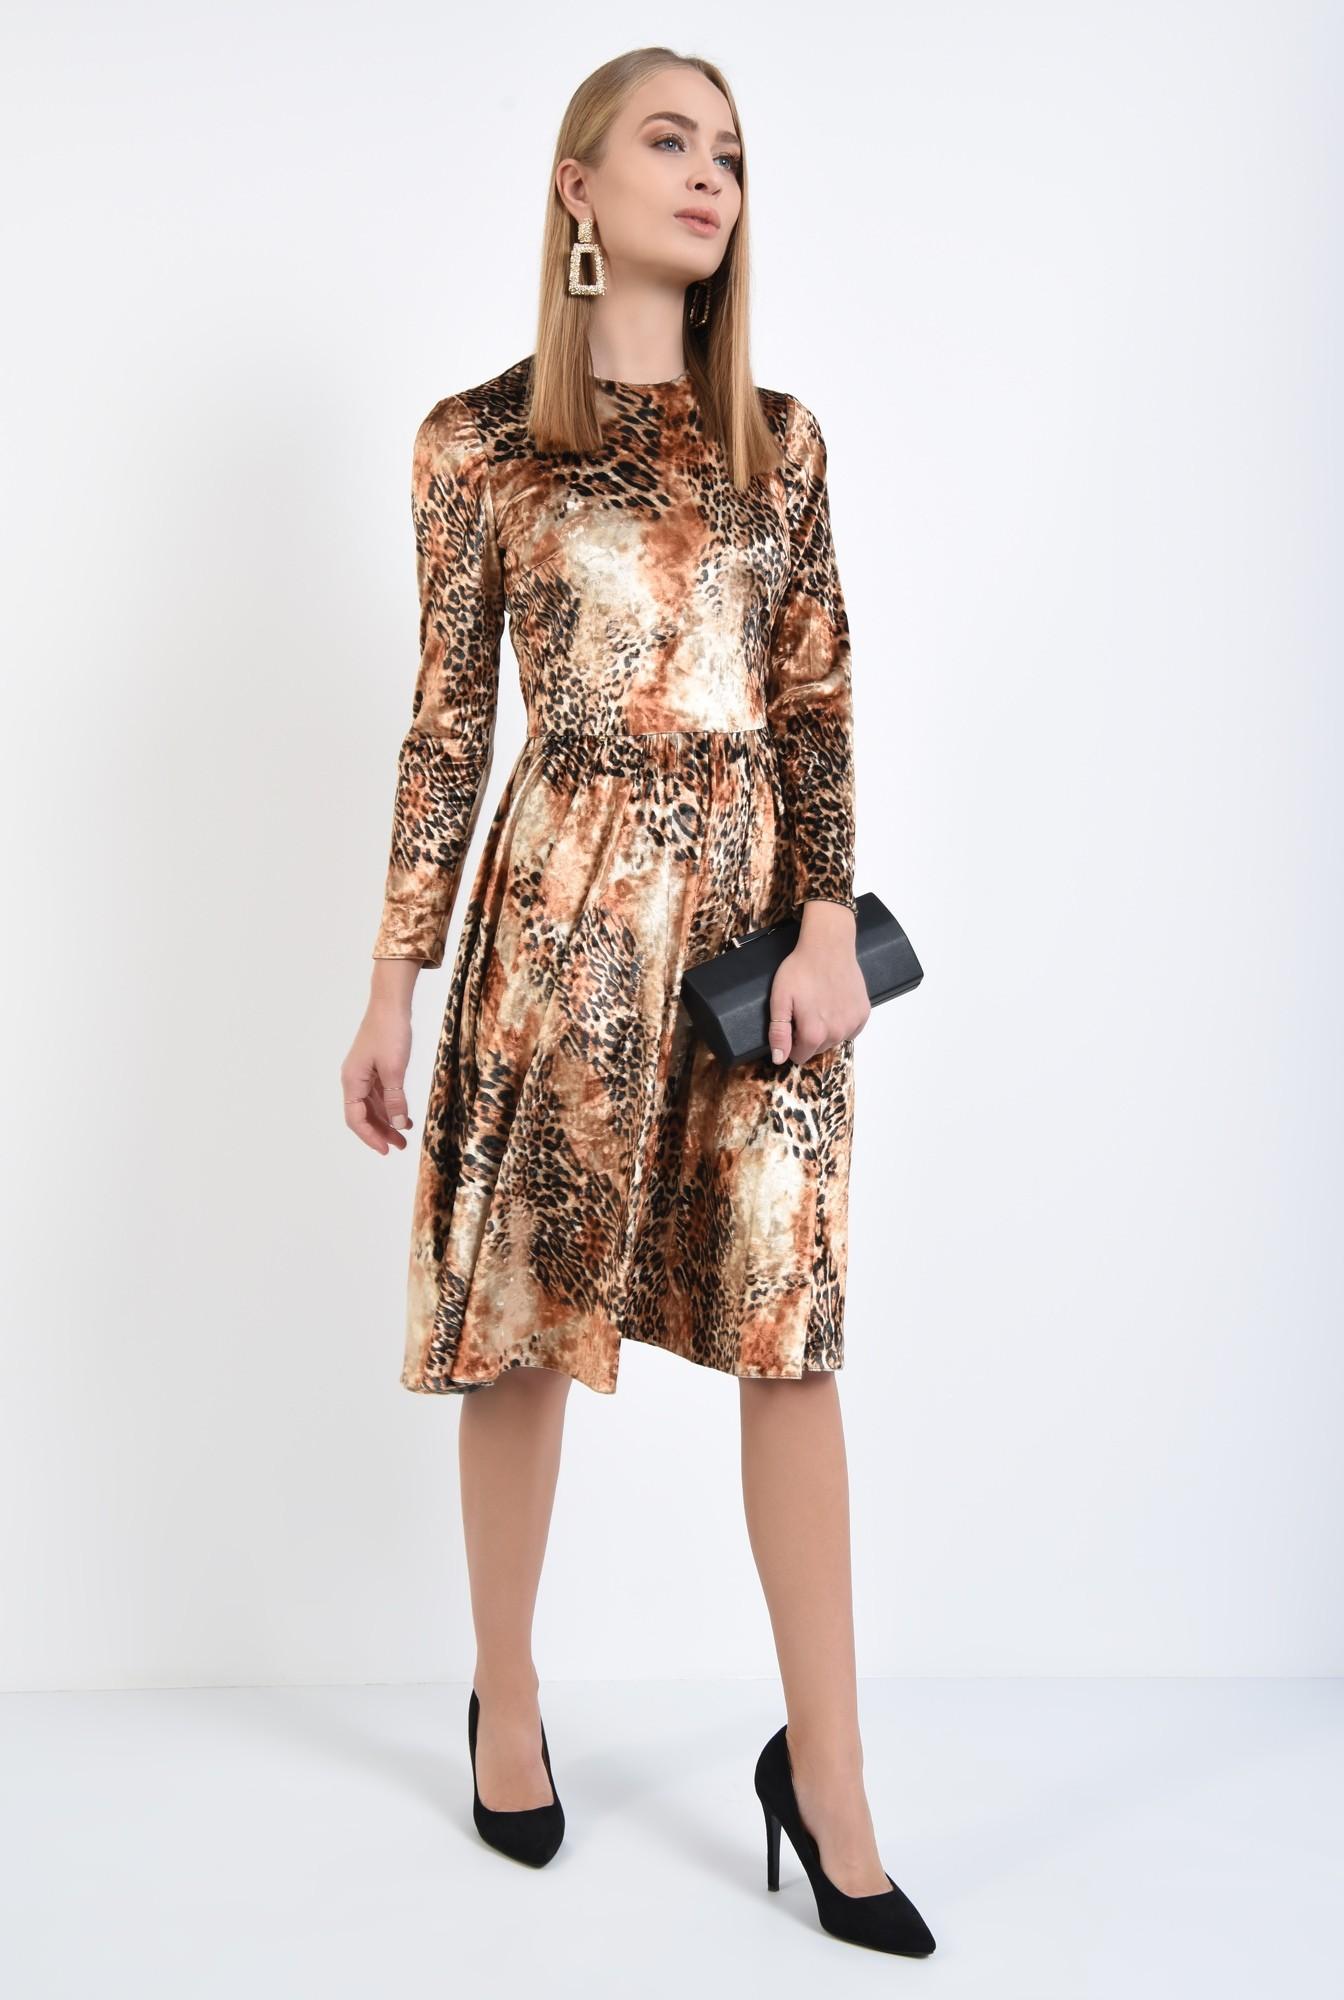 3 - rochie eleganta, evazata, catifea imprimata, cusatura in talie, rascroiala rotunda la gat